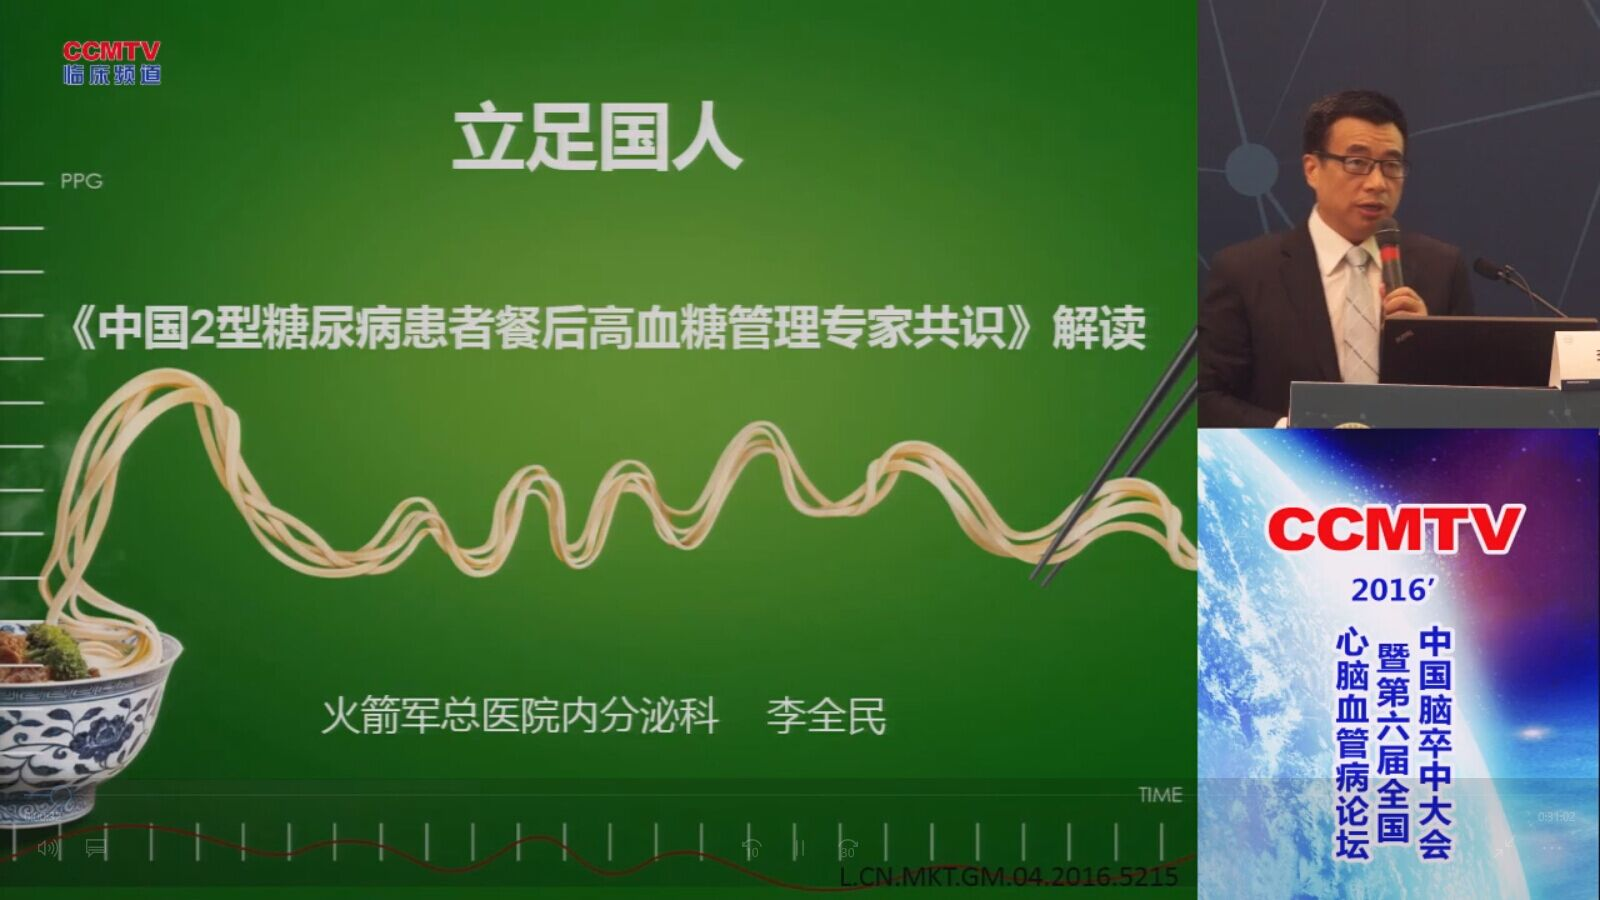 糖尿病 诊疗策略 指南 李全民:《中国2型糖尿病患者餐后高血糖管理专家共识》解读